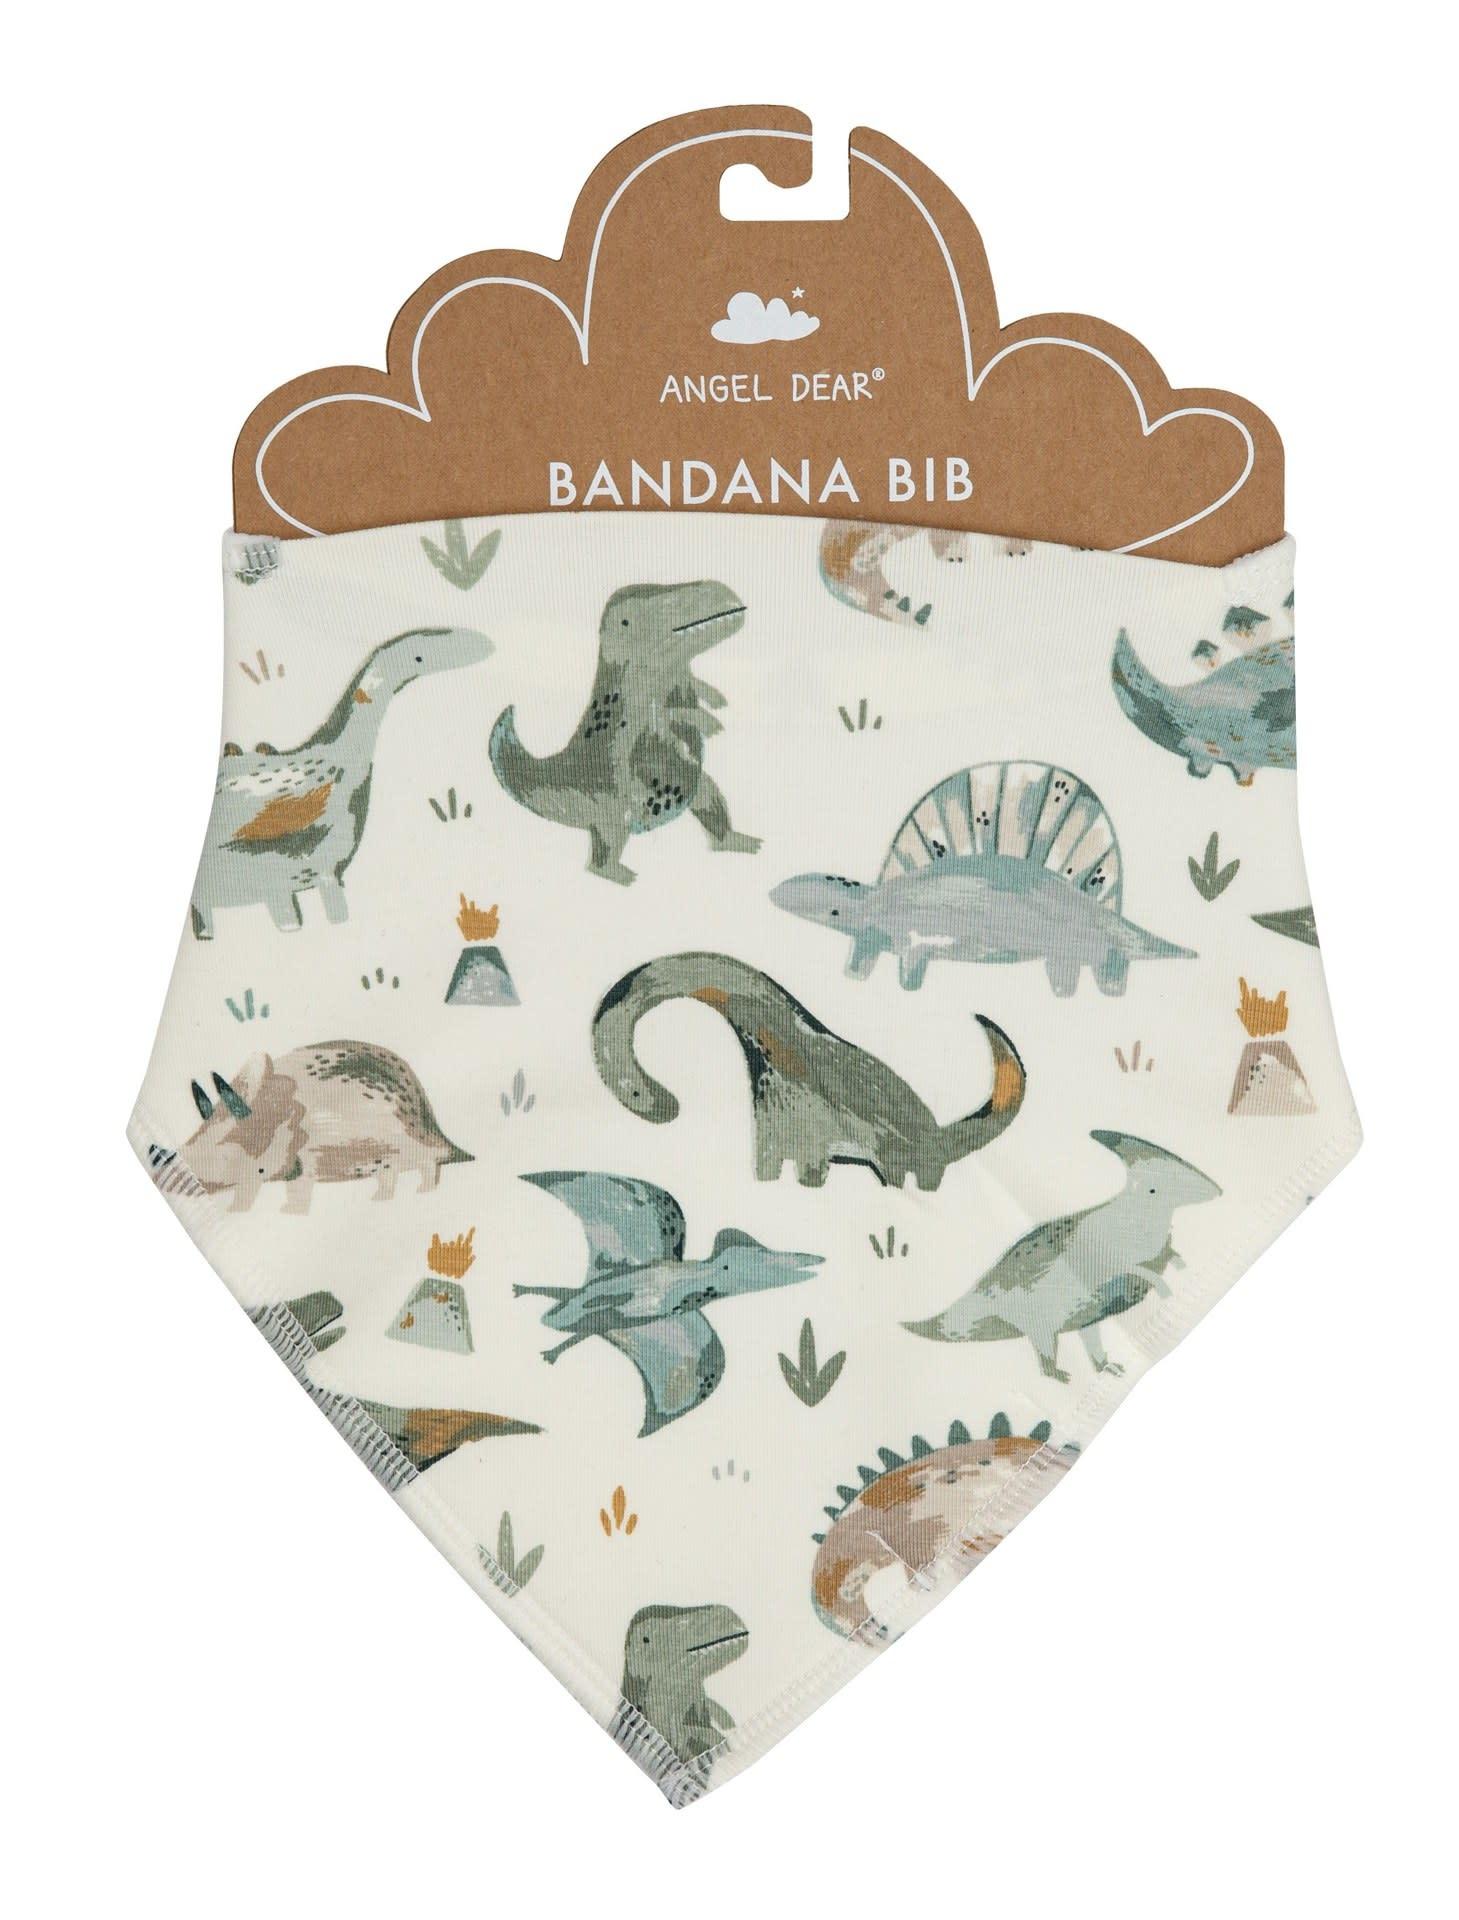 Angel Dear Bandana Bib, Crayon Dinosaur